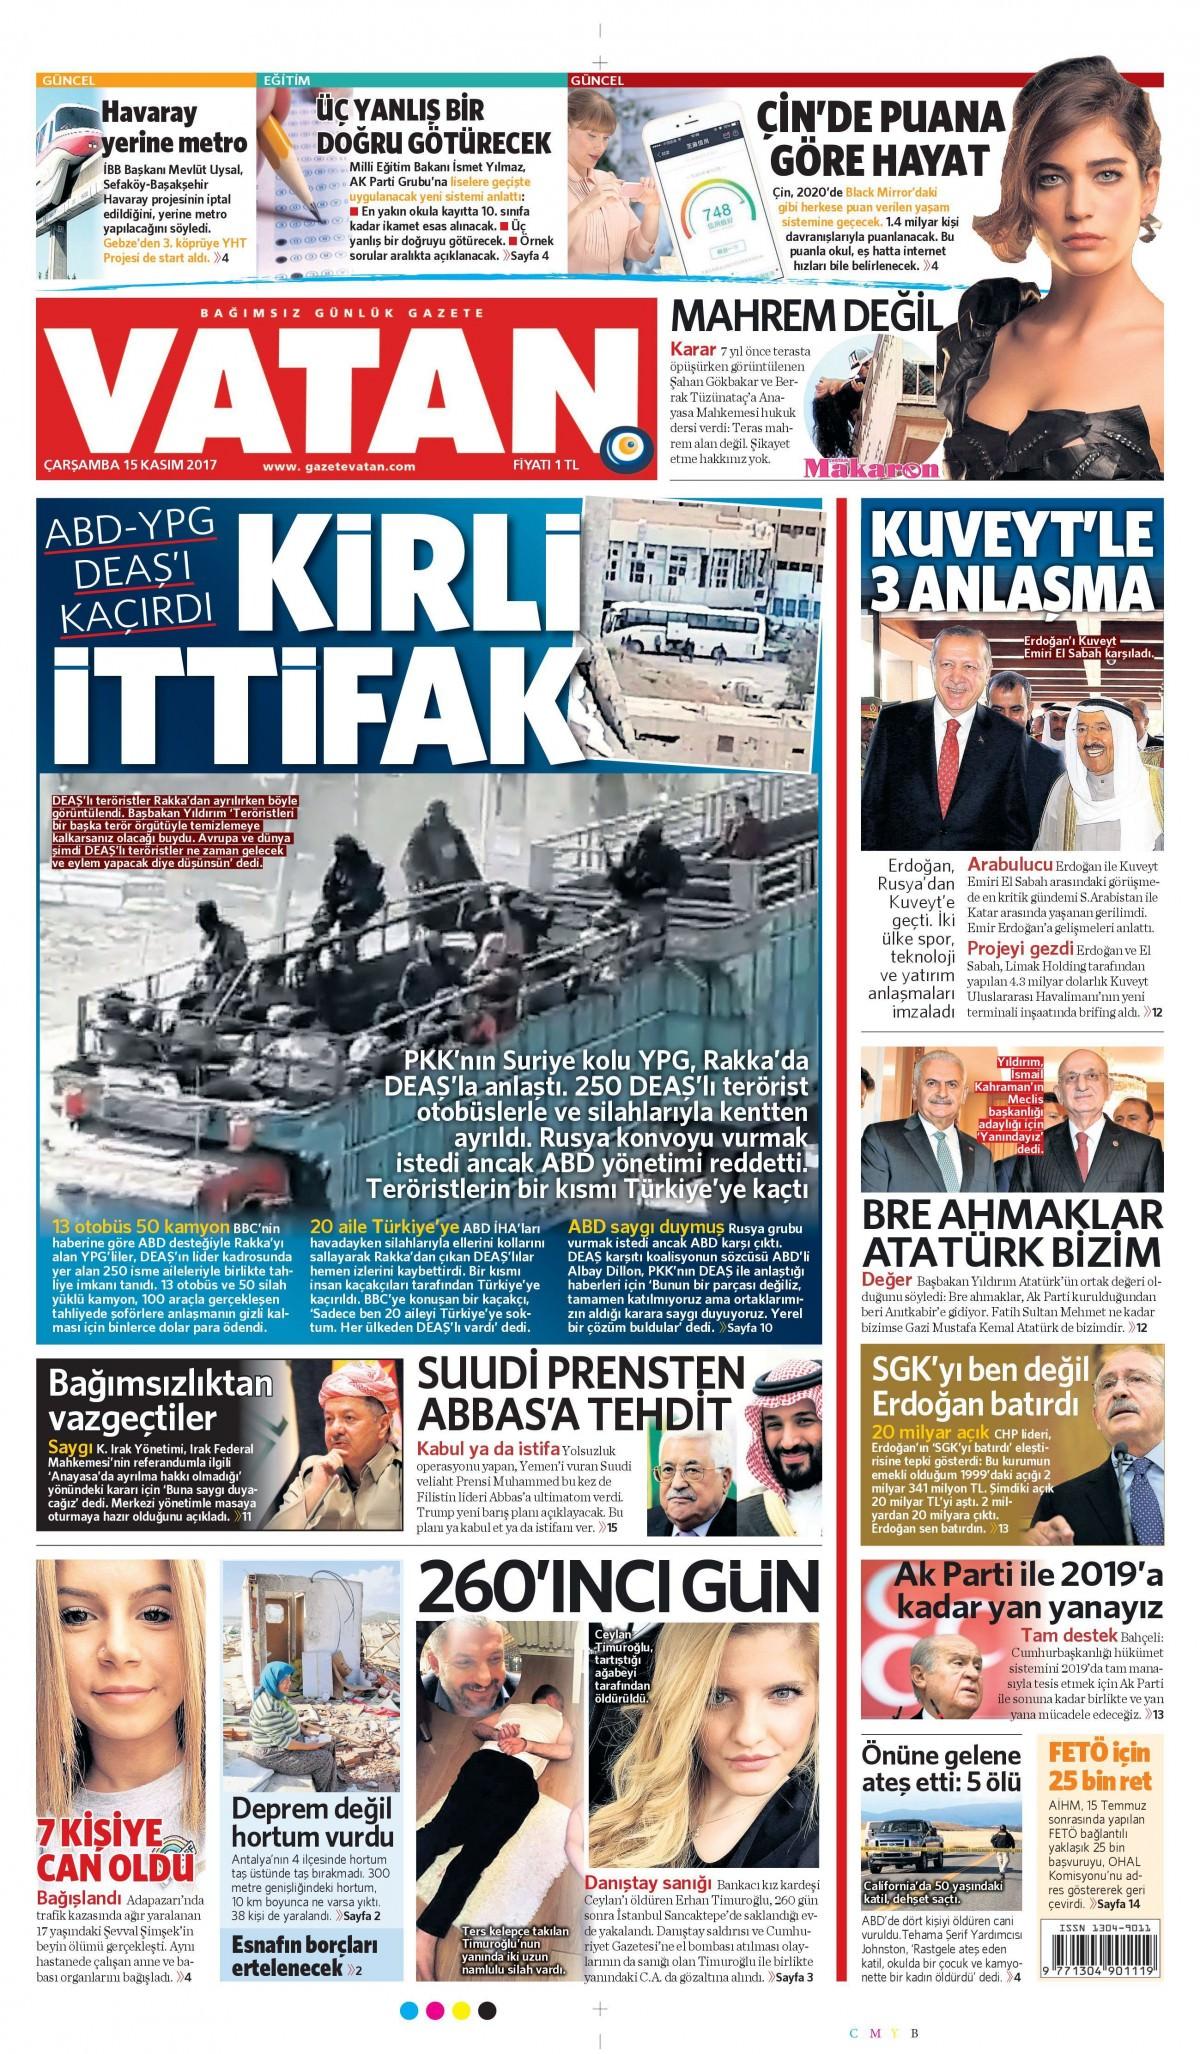 Günün gazete manşetleri (15 Kasım 2017) 12